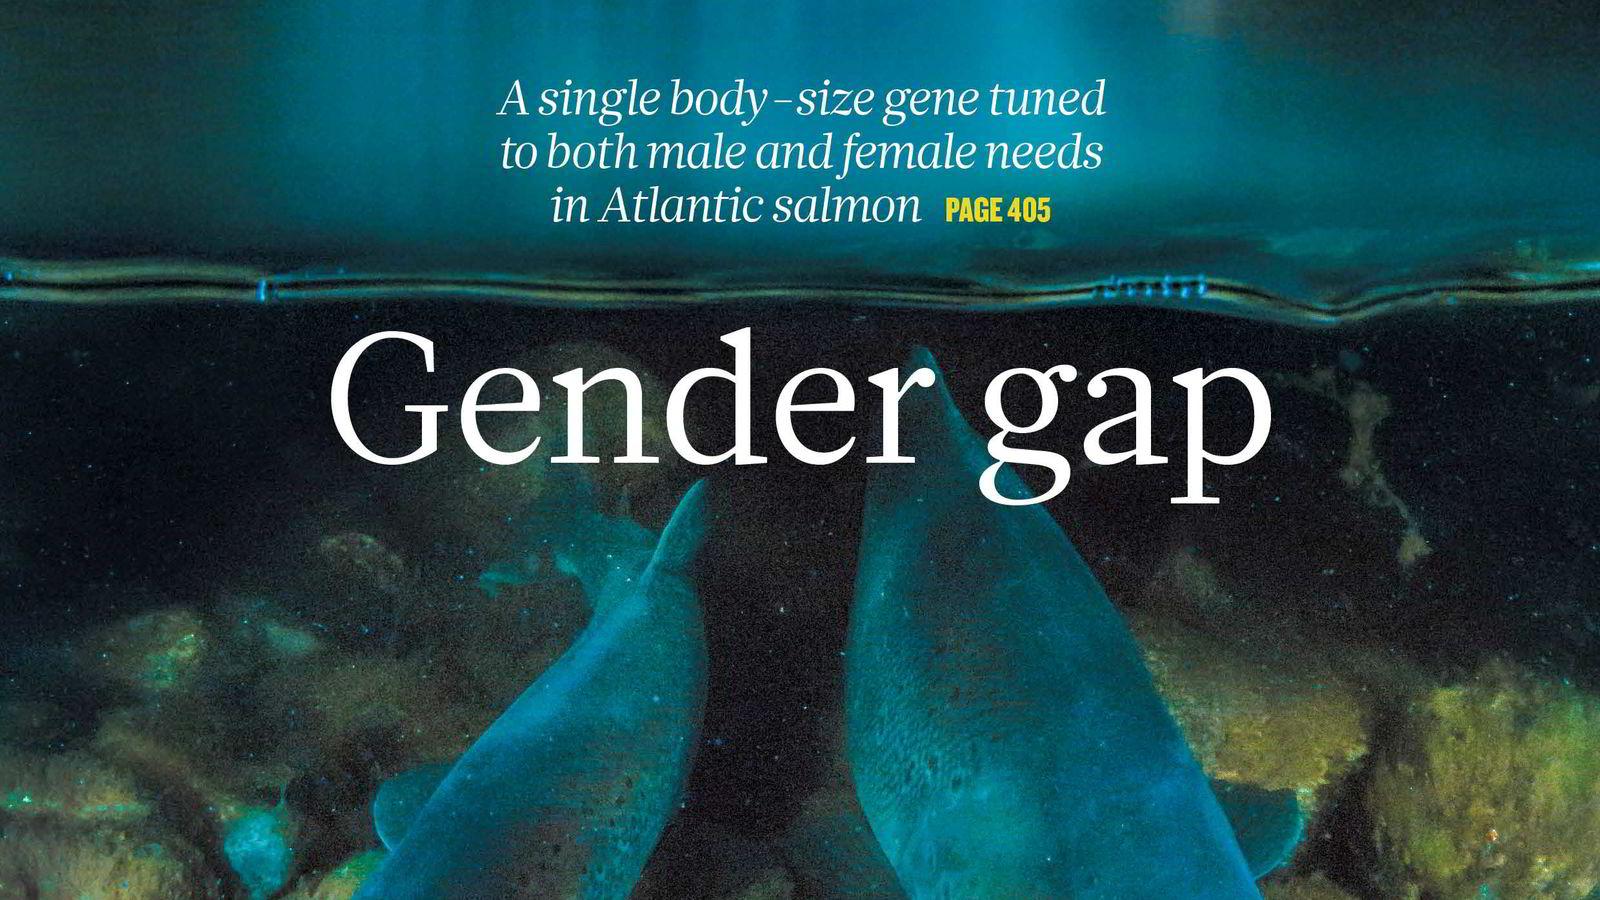 LAKSENS PUBERTETSGEN               Forskergruppen som har funnet laksens pubertetsgen fyller forsiden på anerkjente Nature, med bilde tatt av Audun Rikardsen, fotograf og professor ved Universitetet i Tromsø.